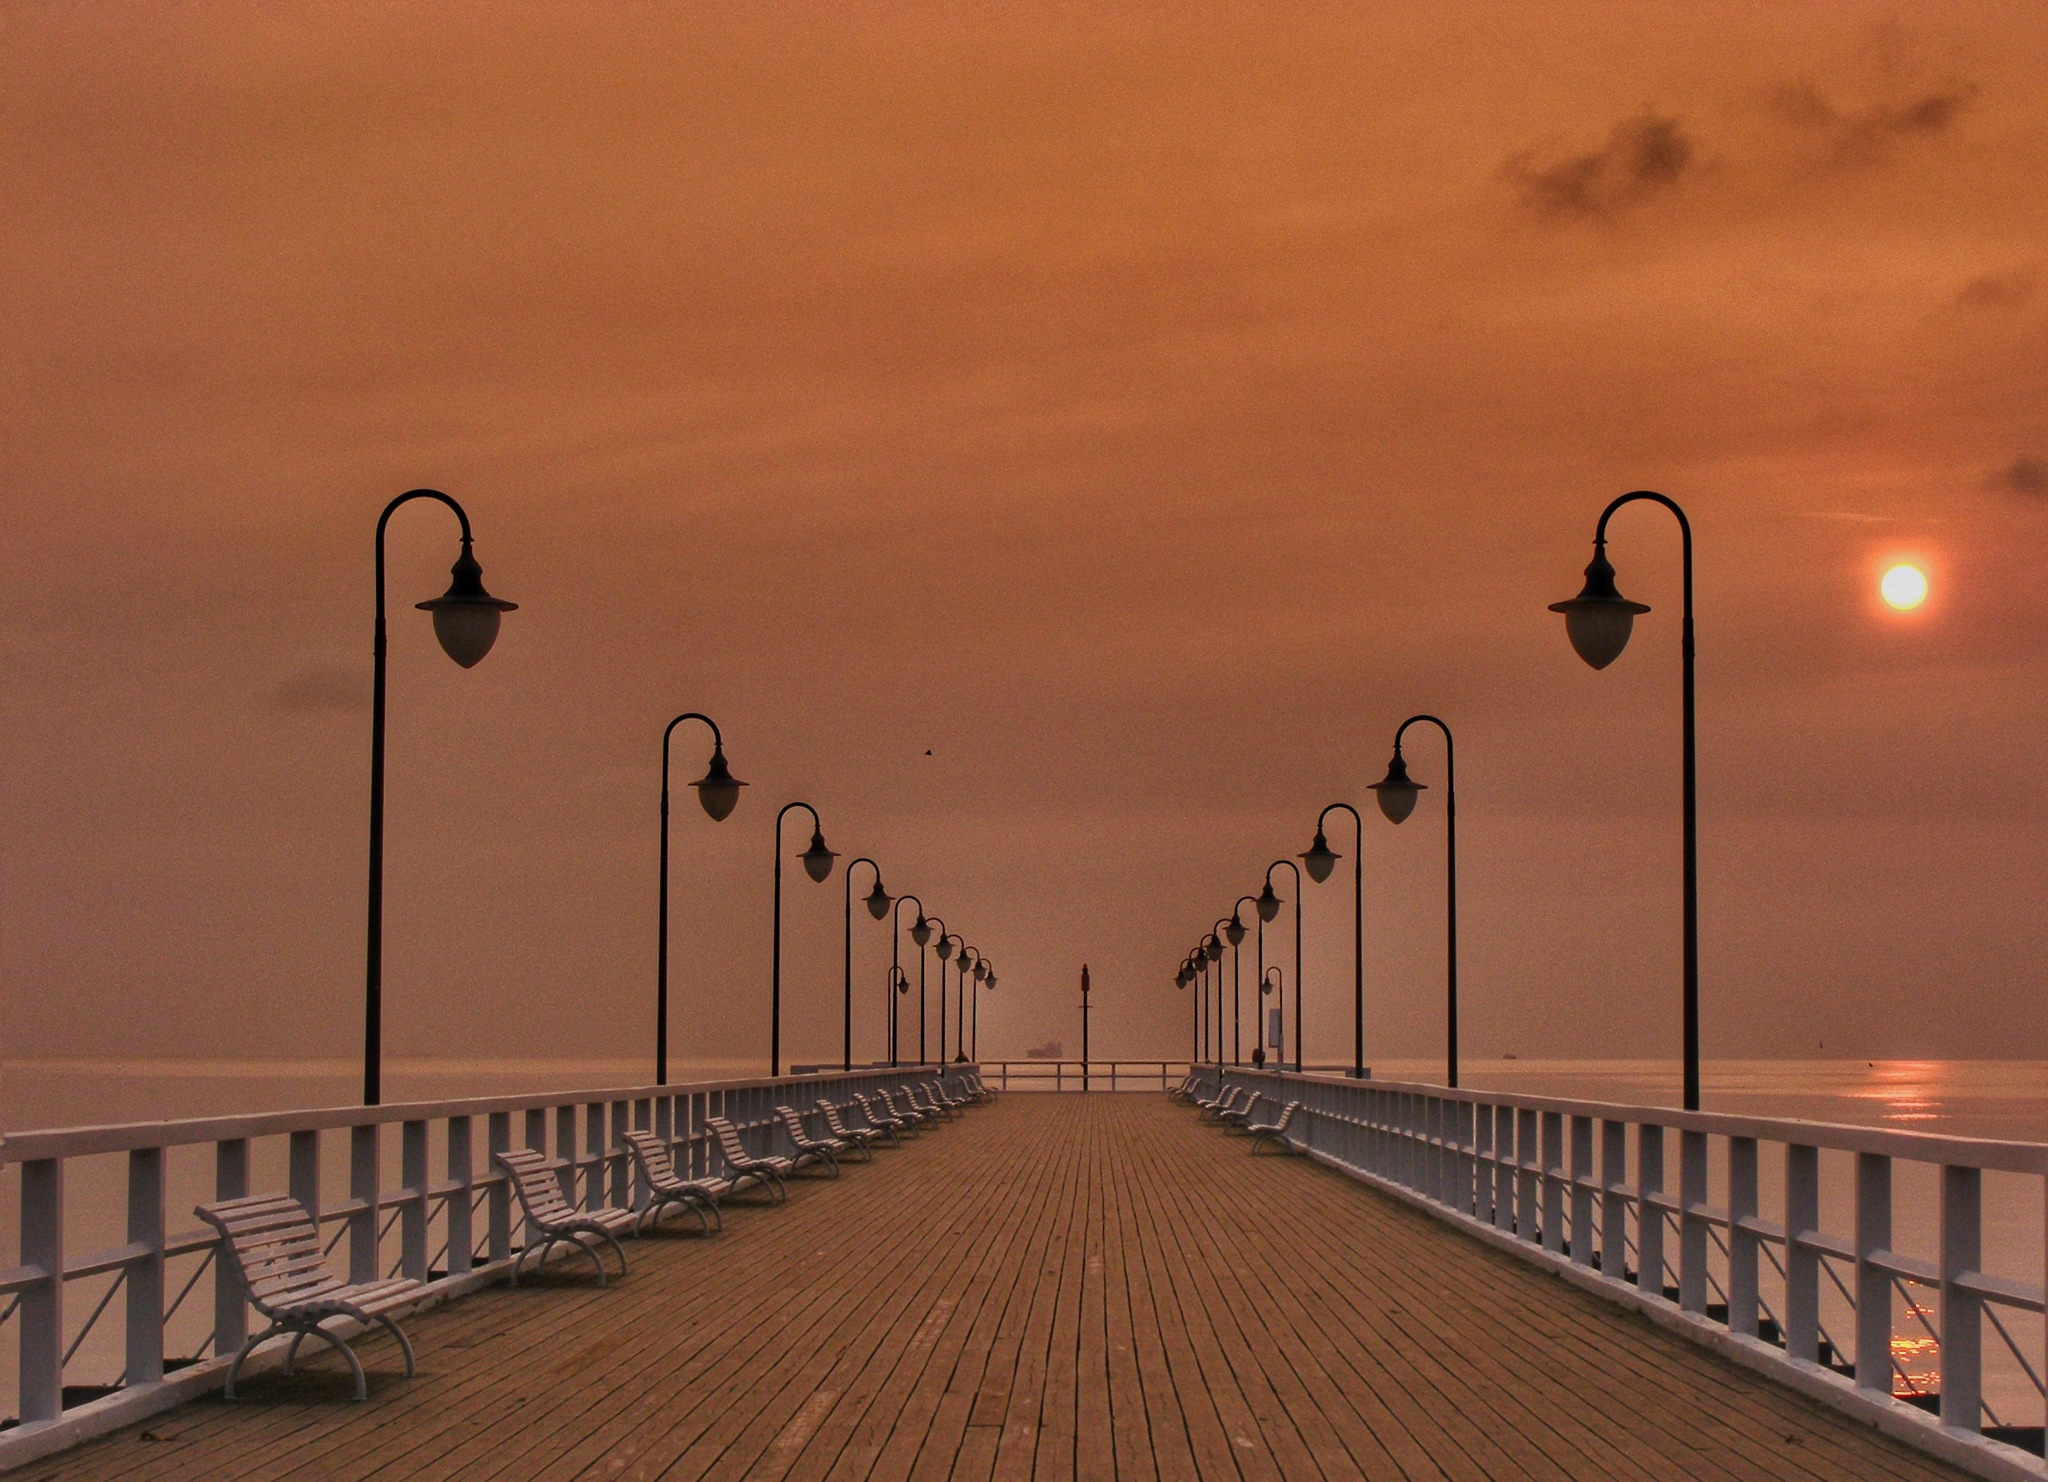 Pier by Grzegorz Skwarliński